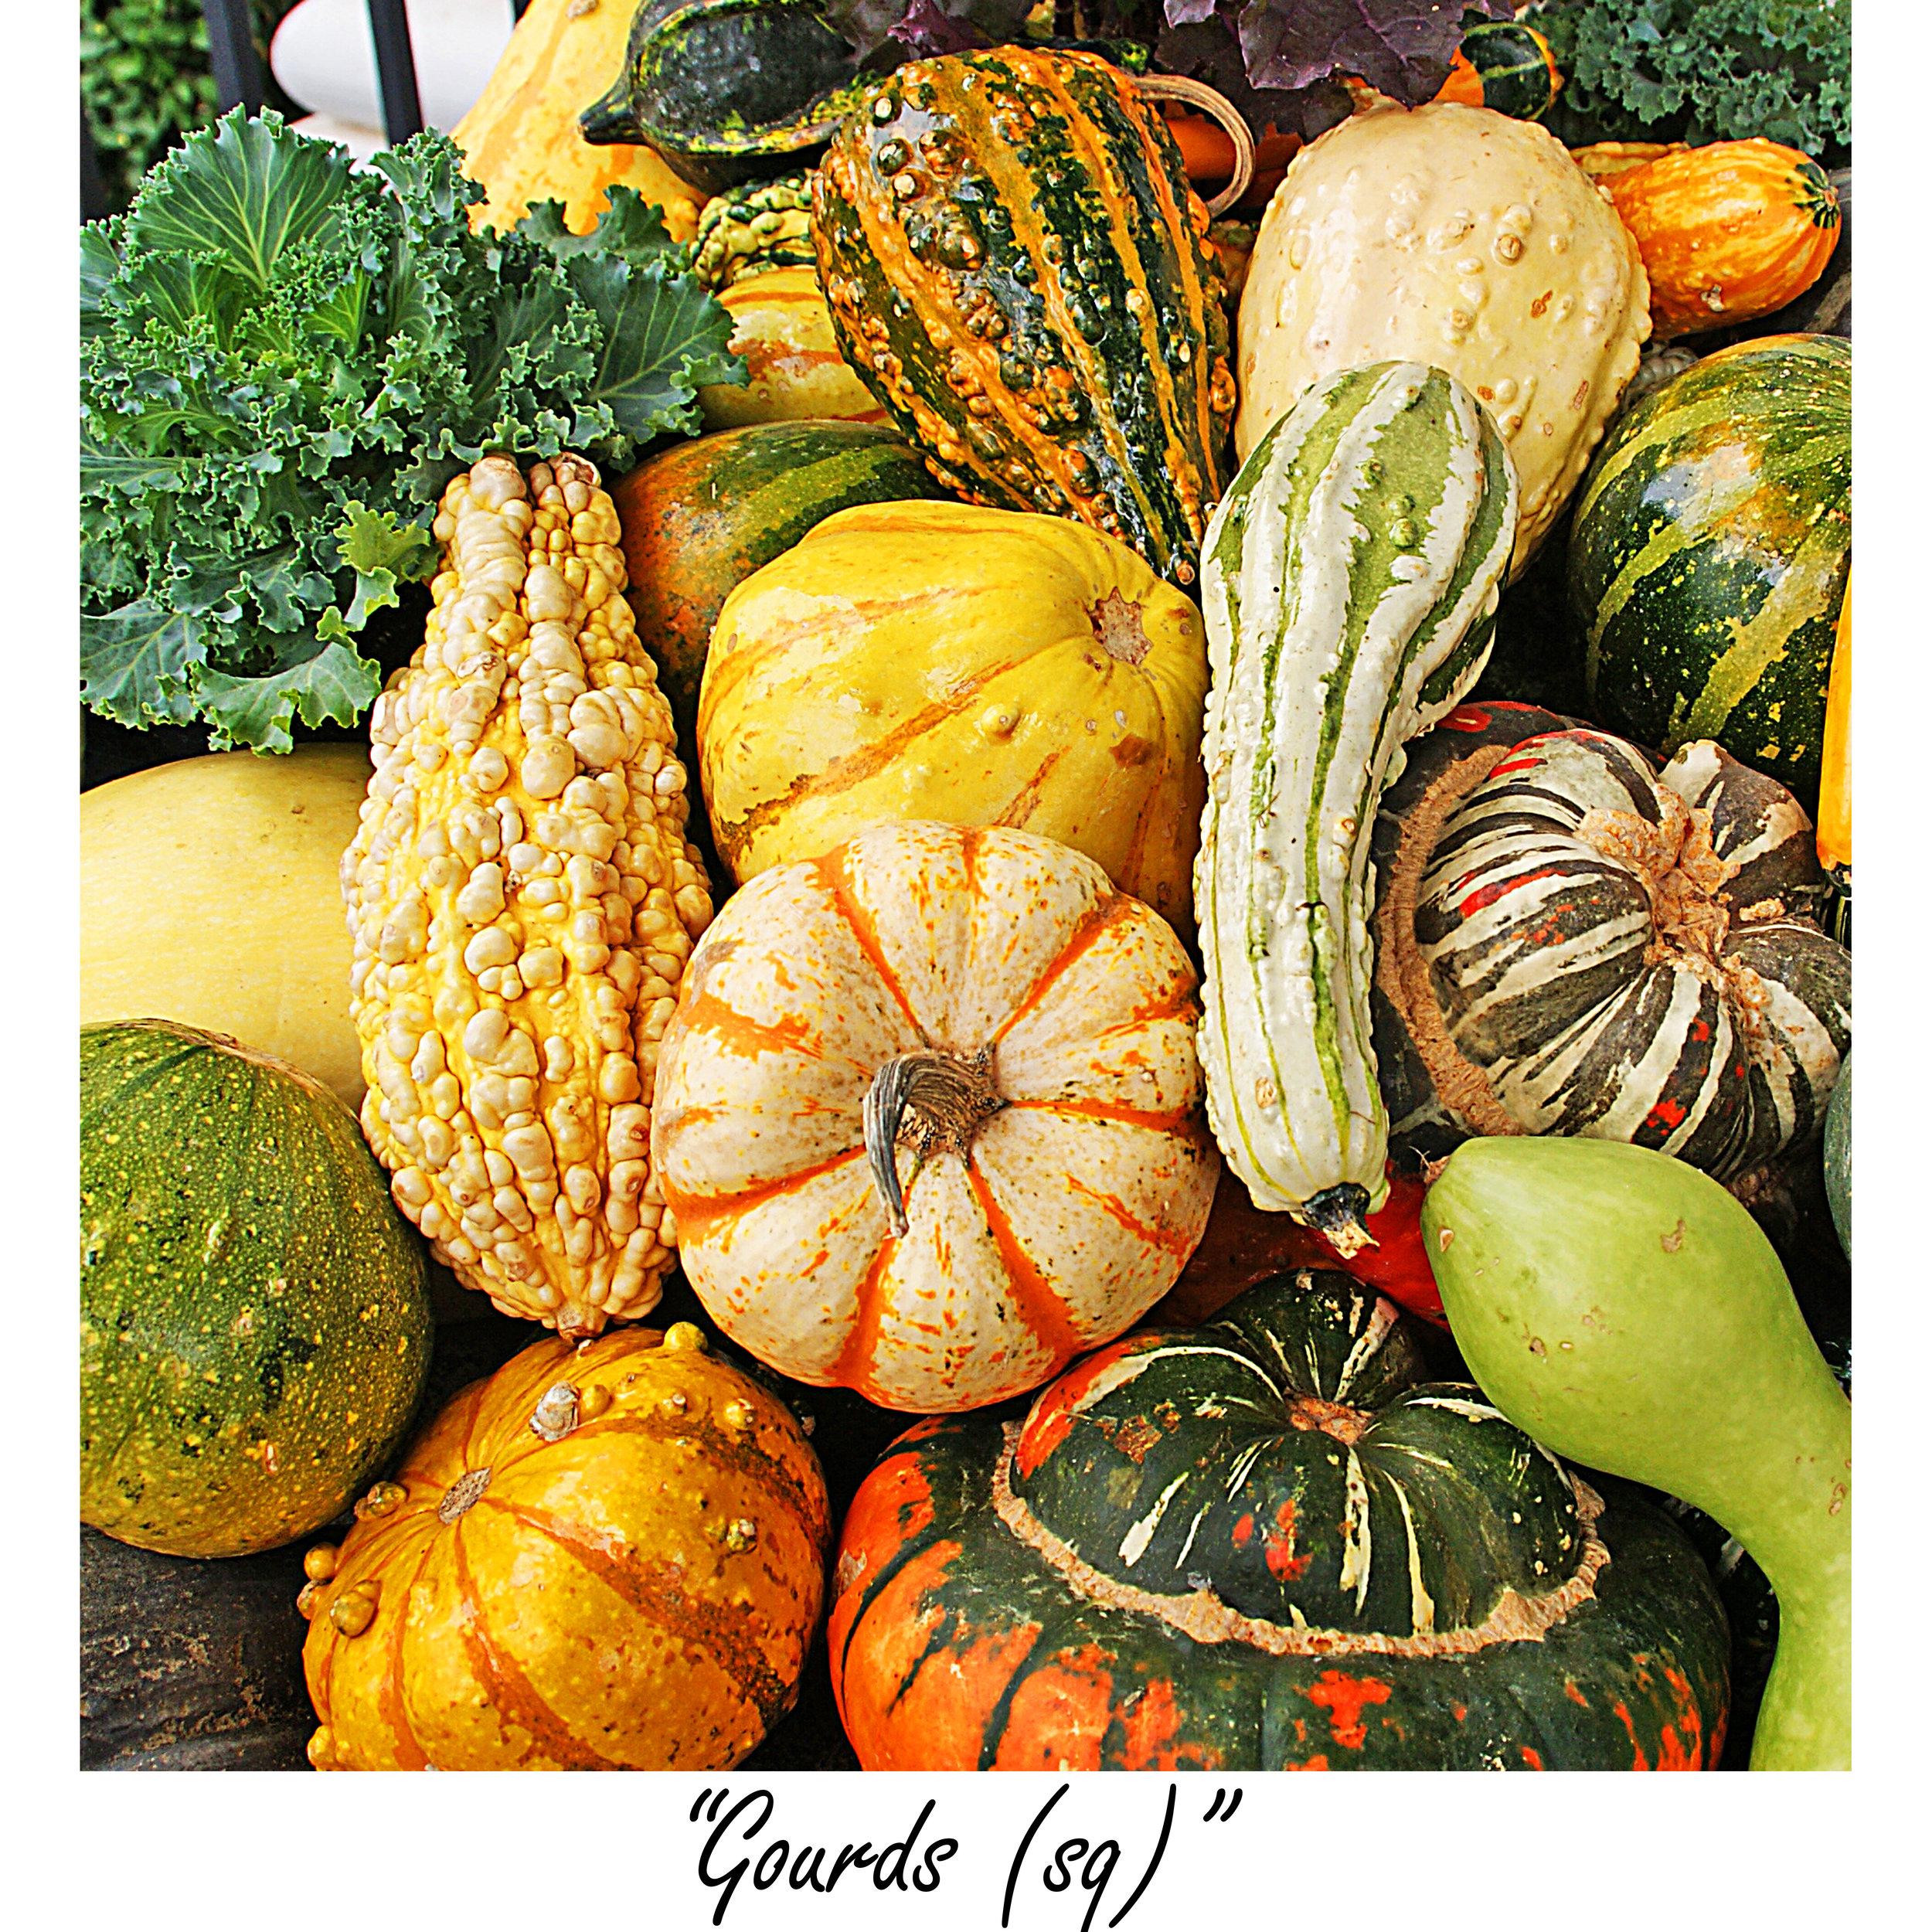 Gourds (sq).jpg